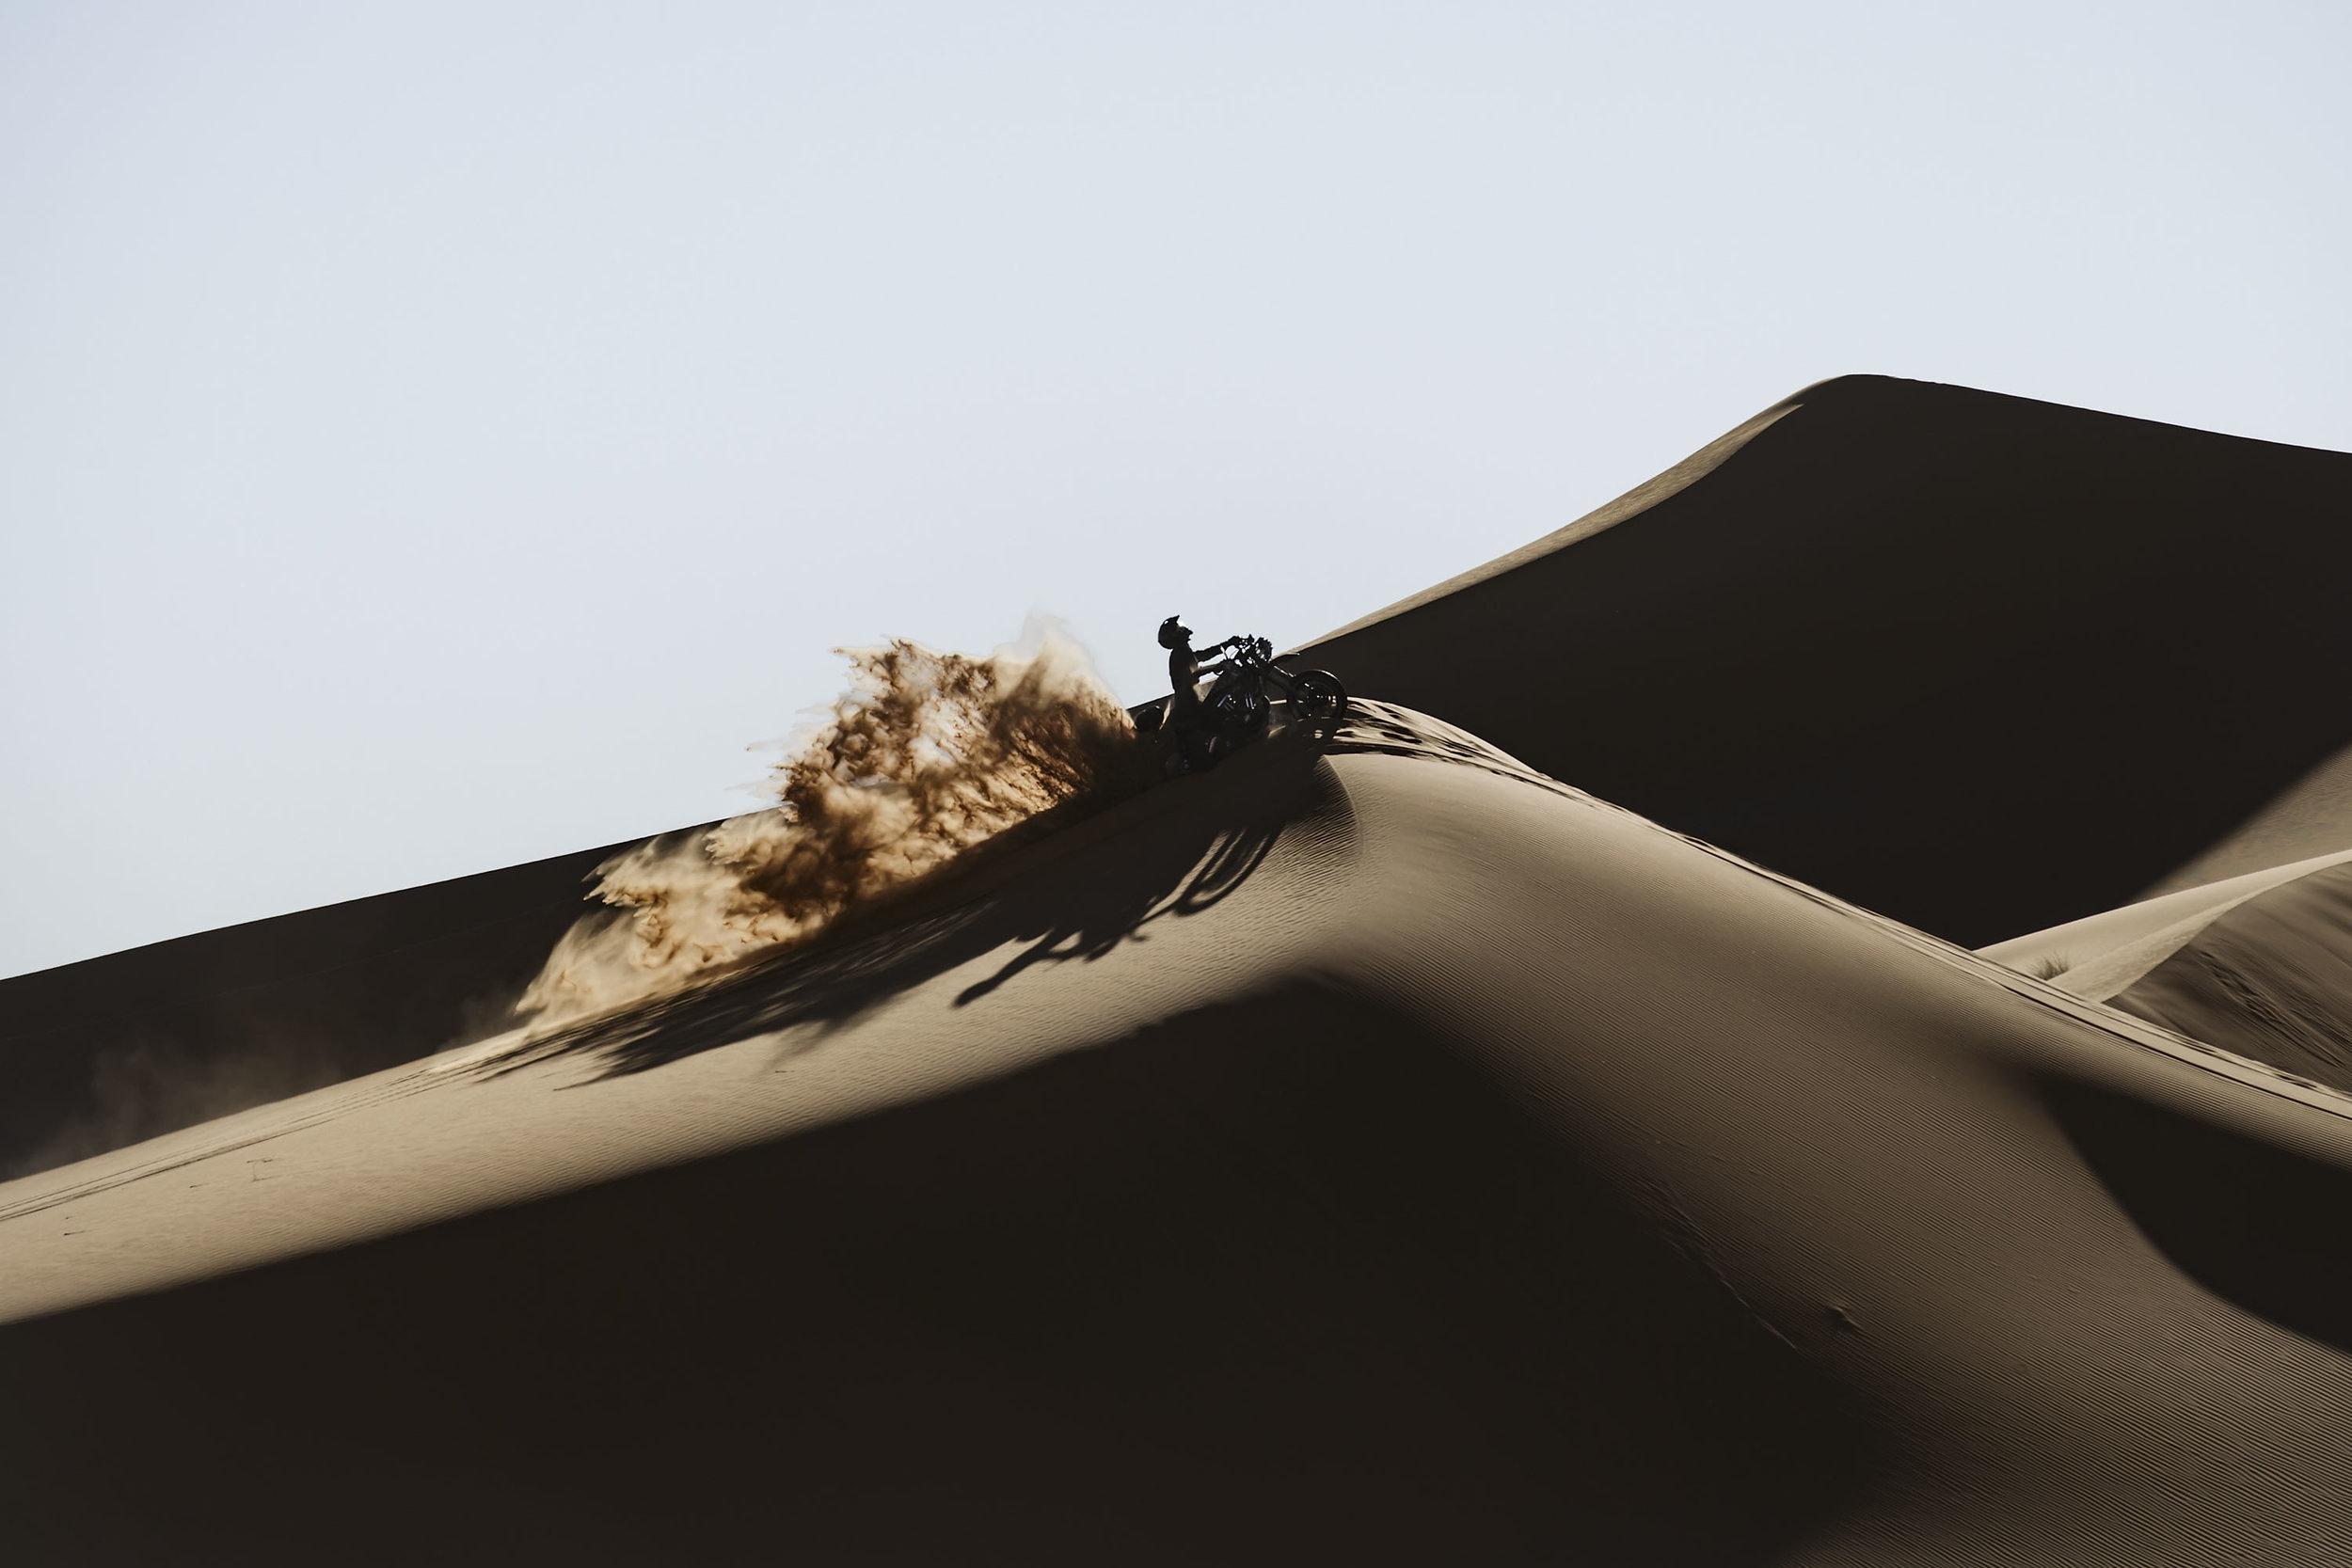 elsolitario-desert-wolves-HD-65.jpg